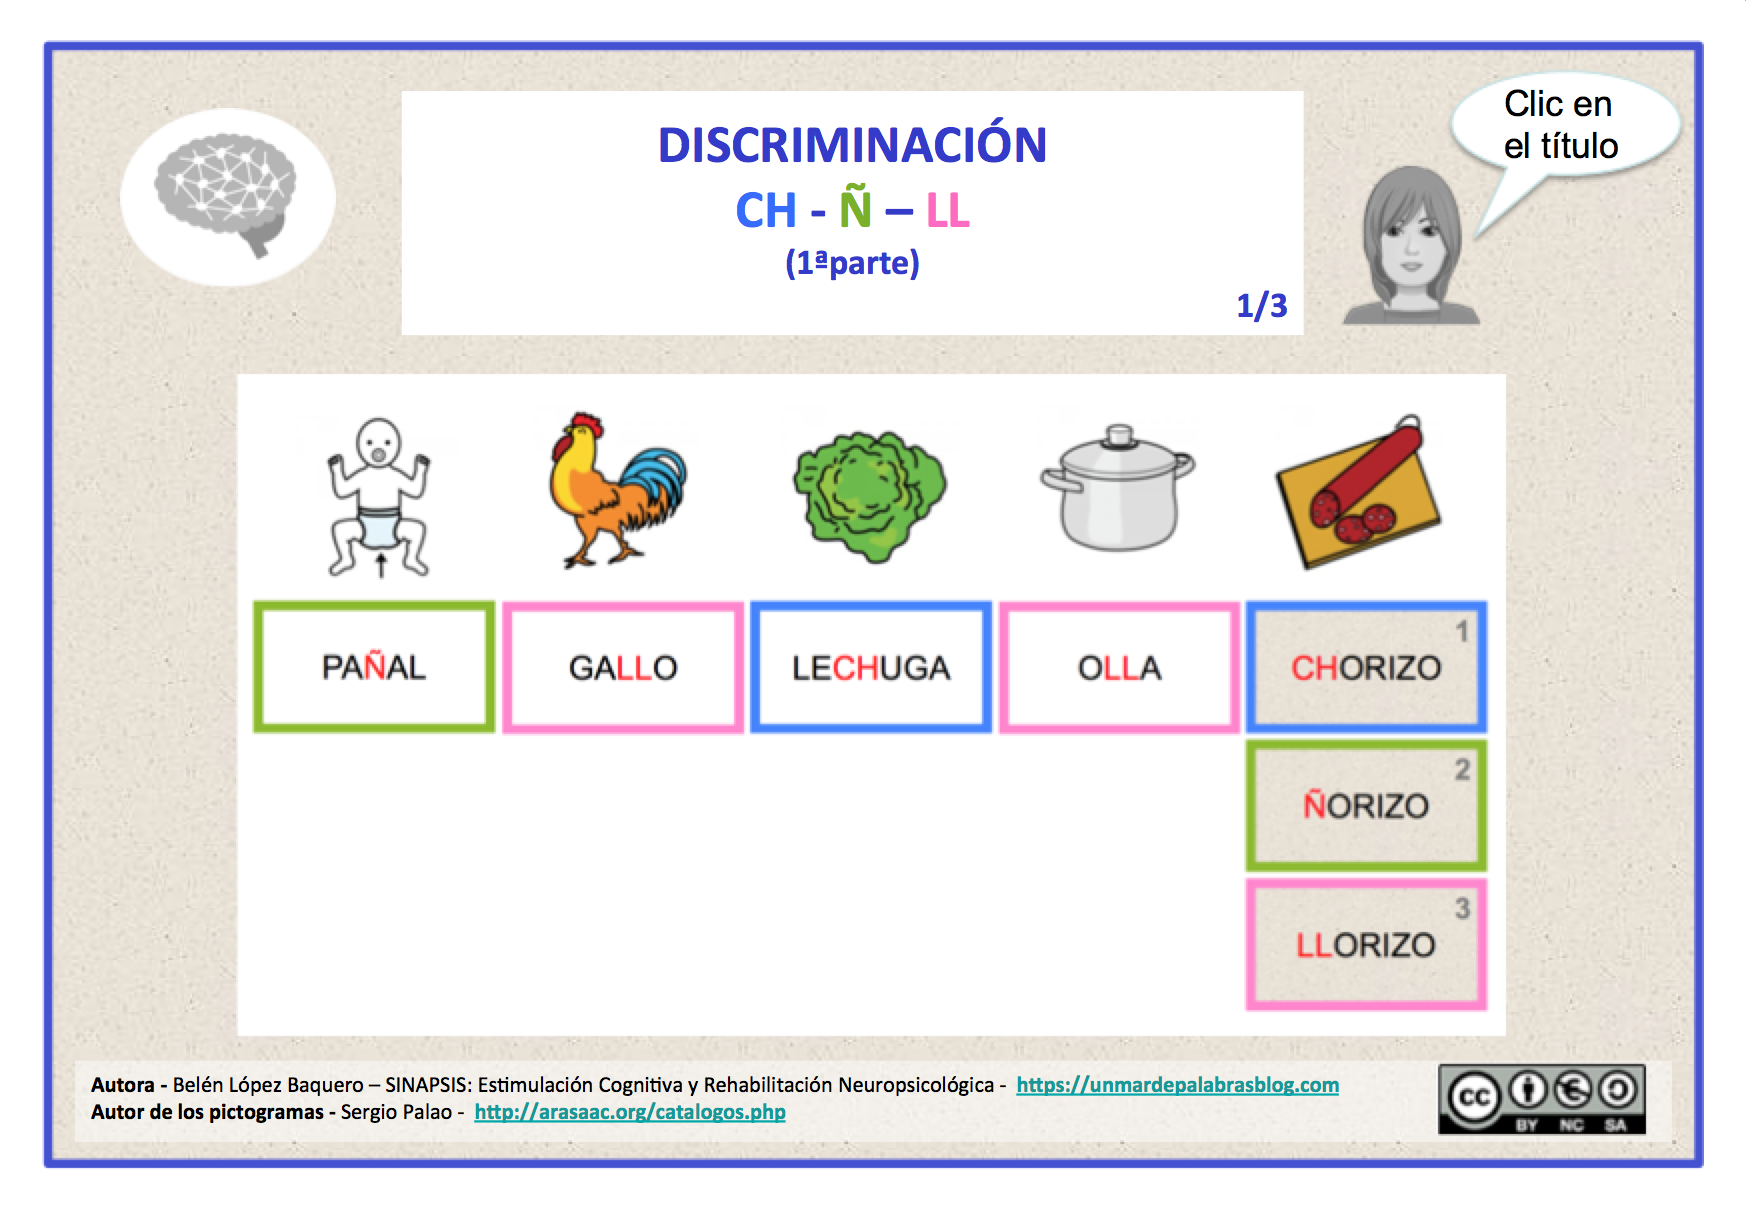 ch-n-ll_1